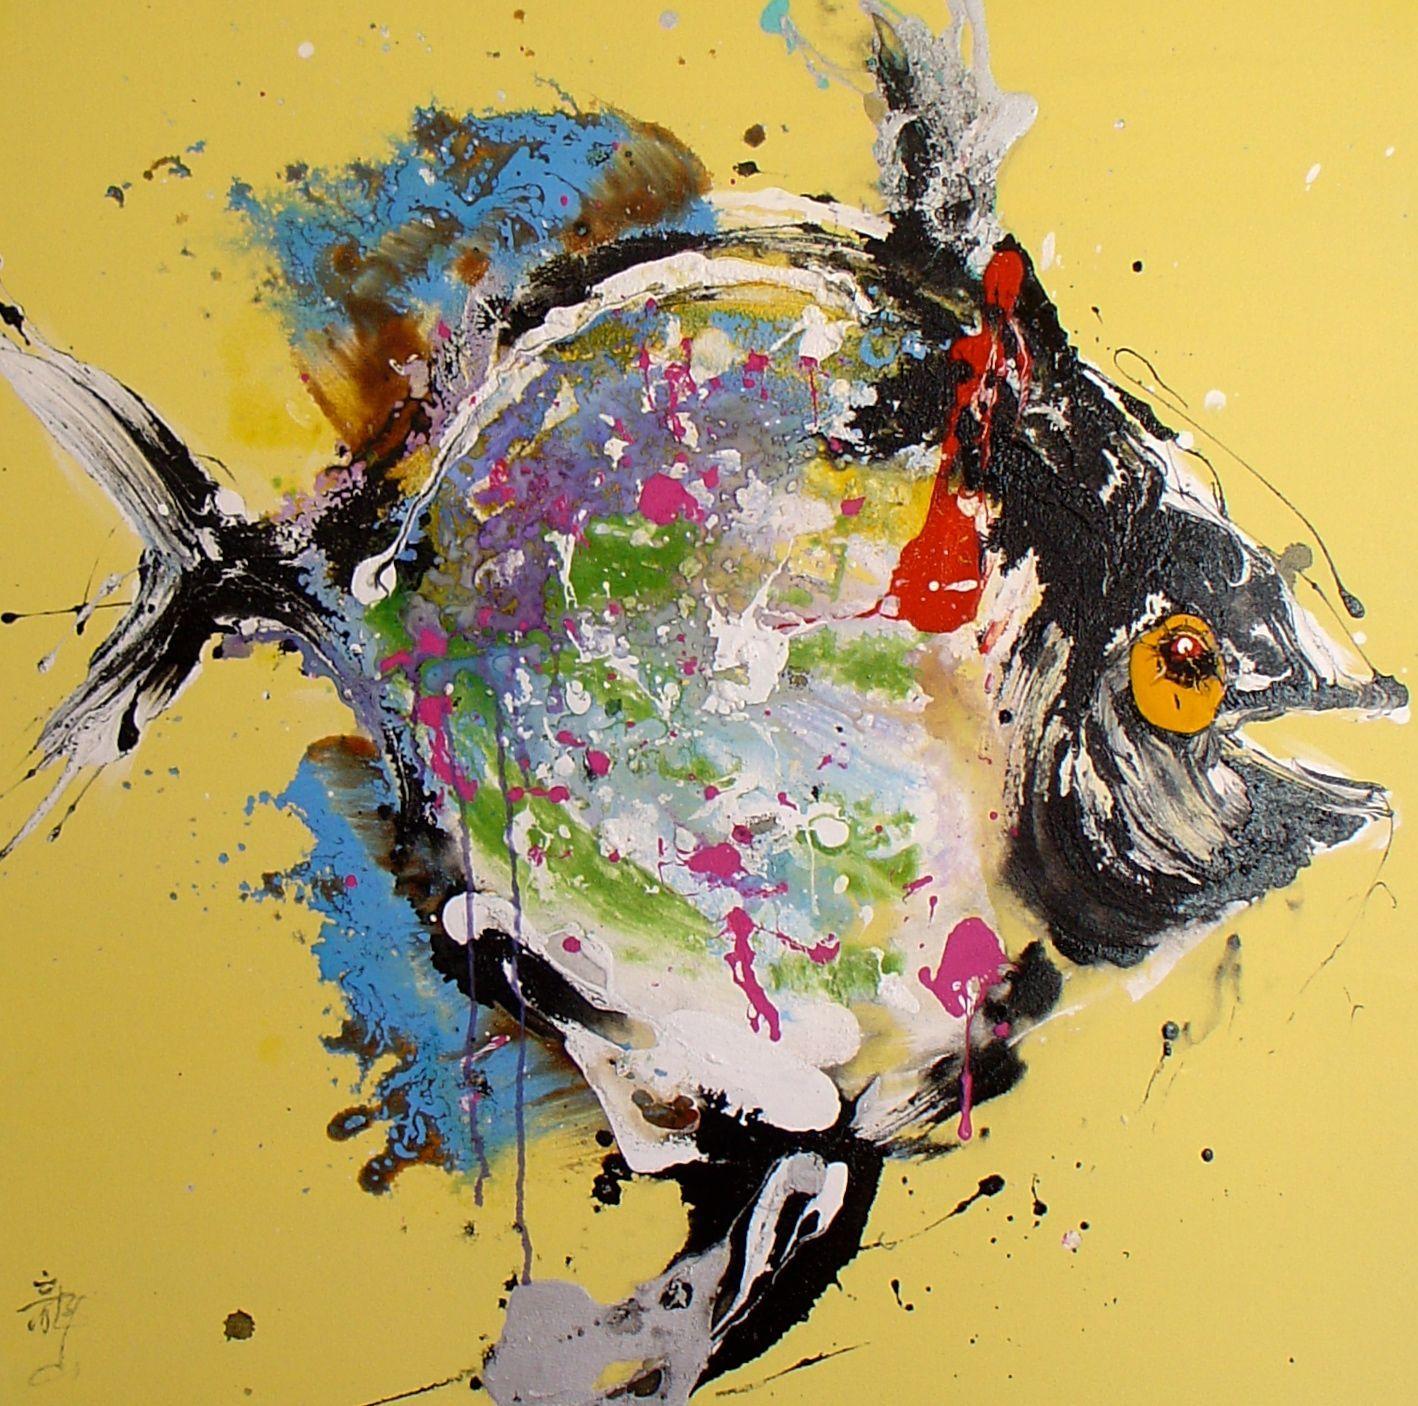 Le Poisson Vorace Qunce Zeng Width Art Contemporain Les Arts